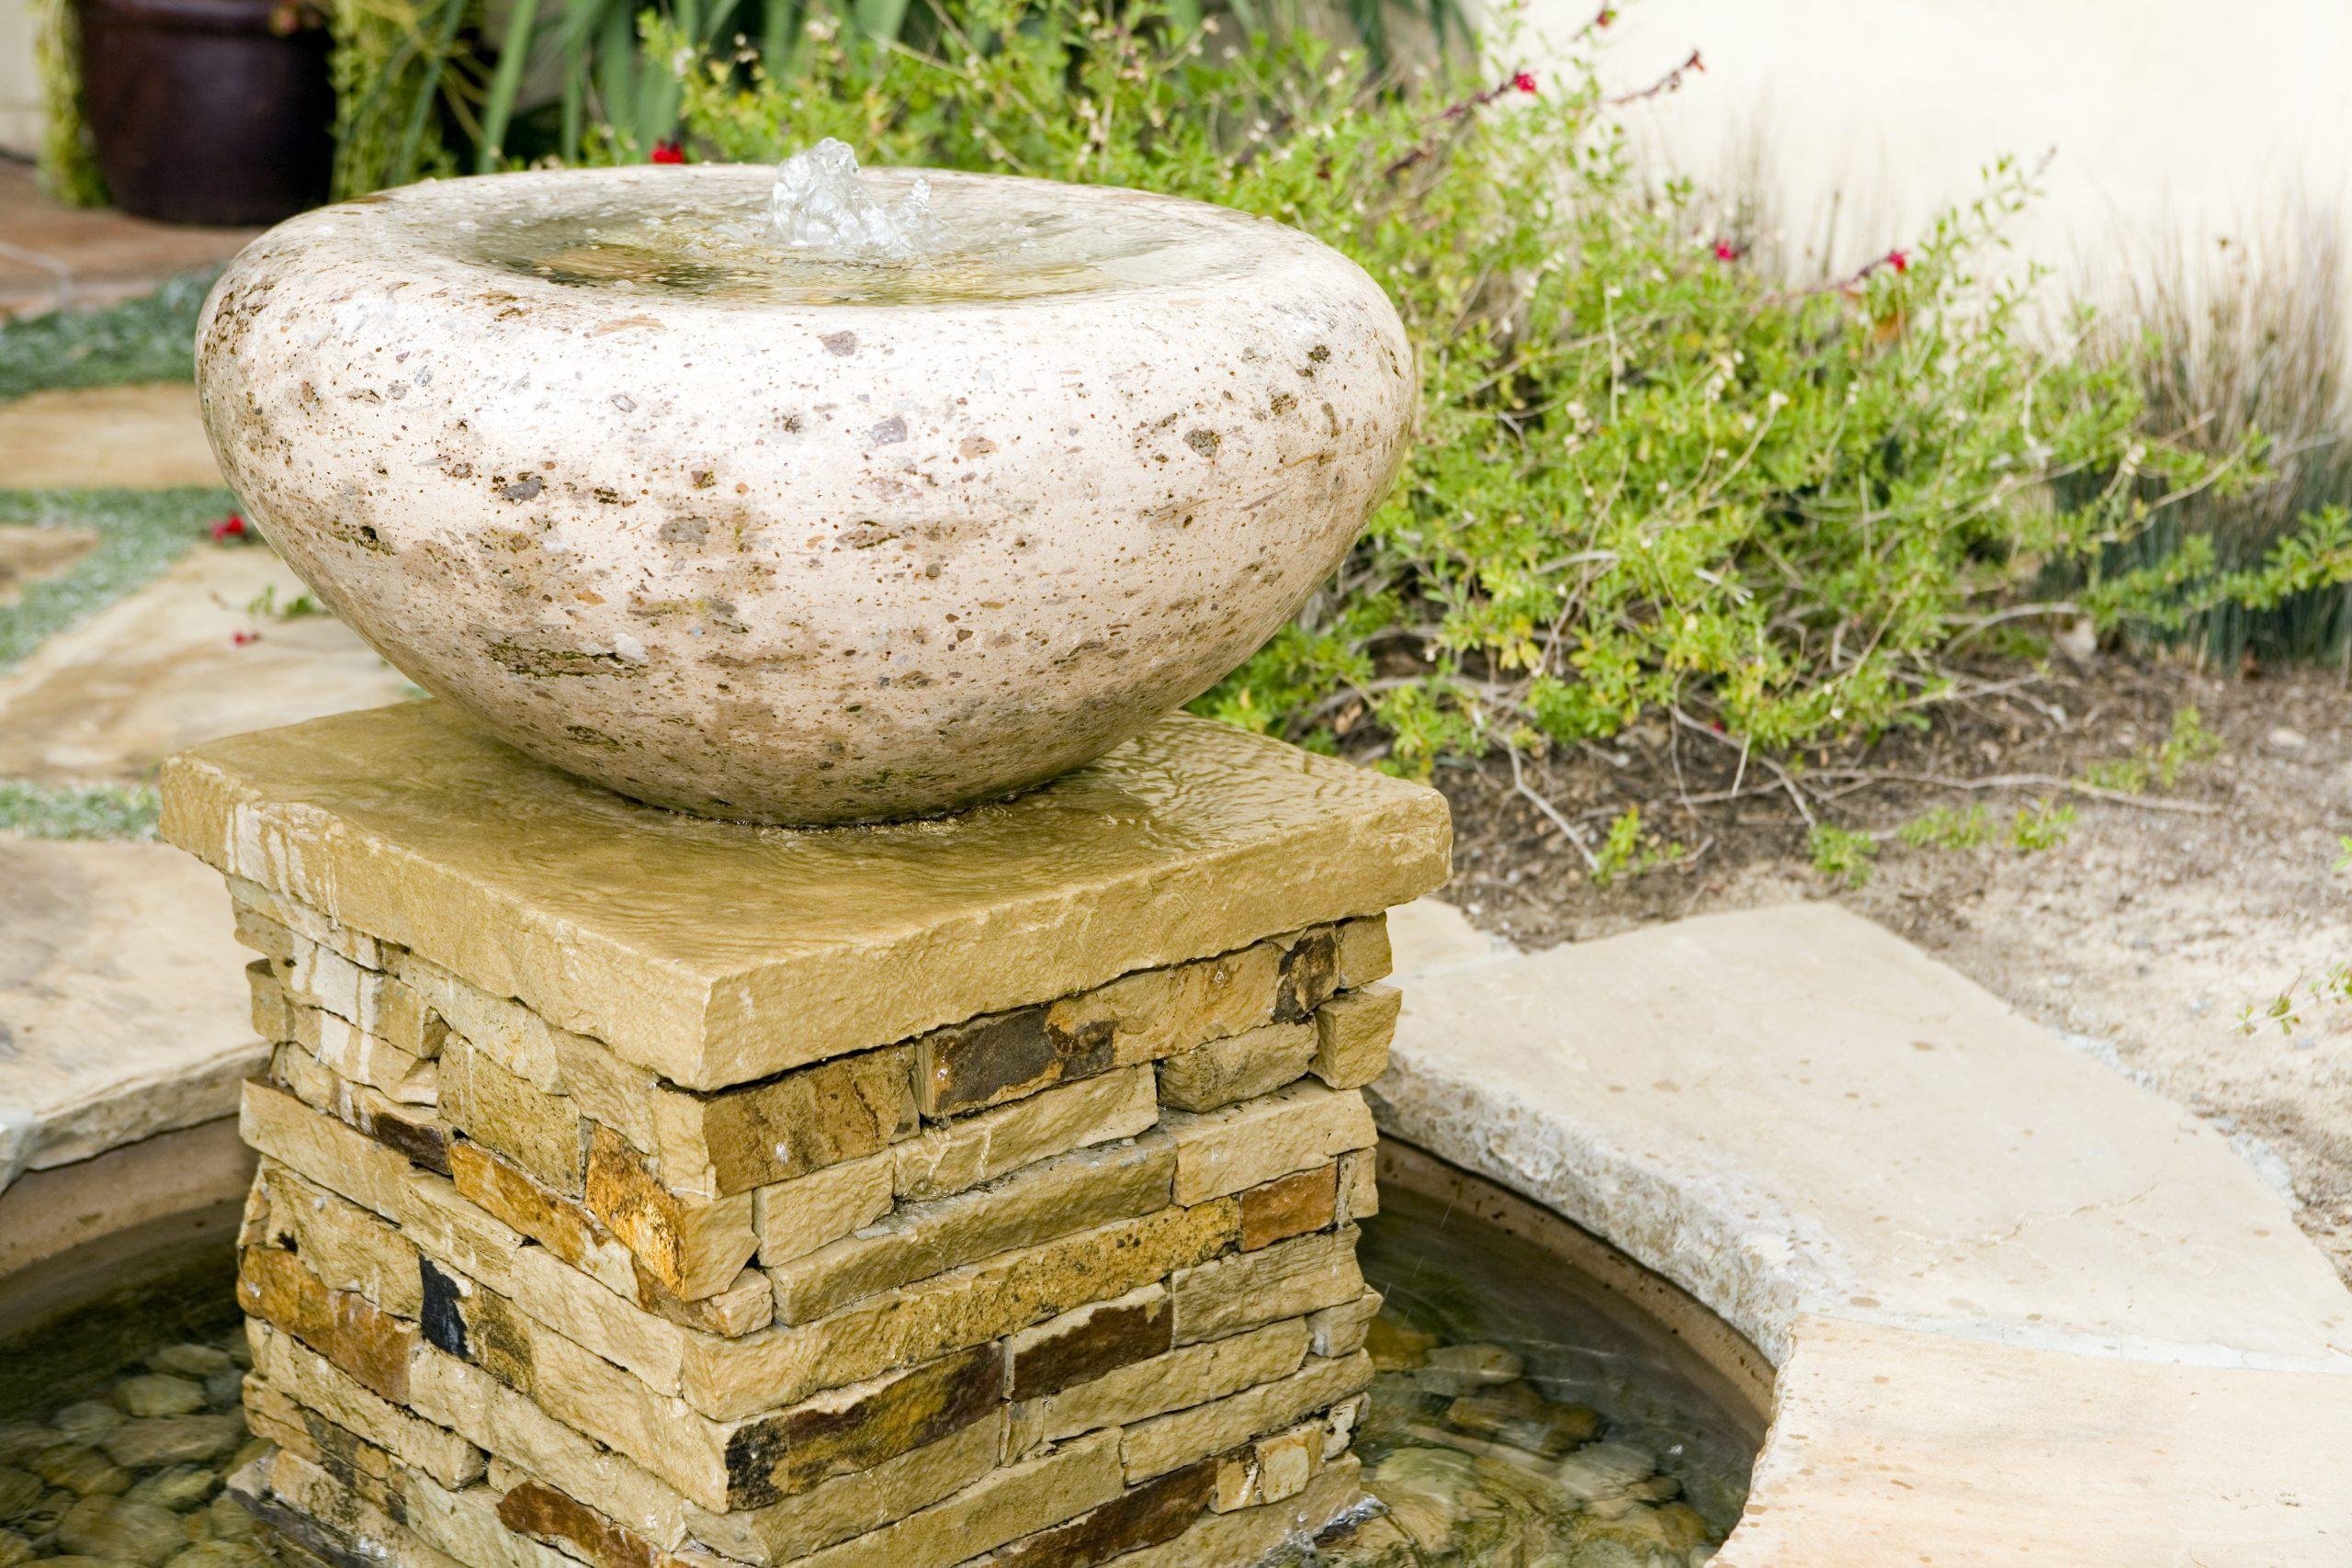 Comment Installer Une Fontaine De Jardin ? - Maison&travaux destiné Installation Fontaine De Jardin